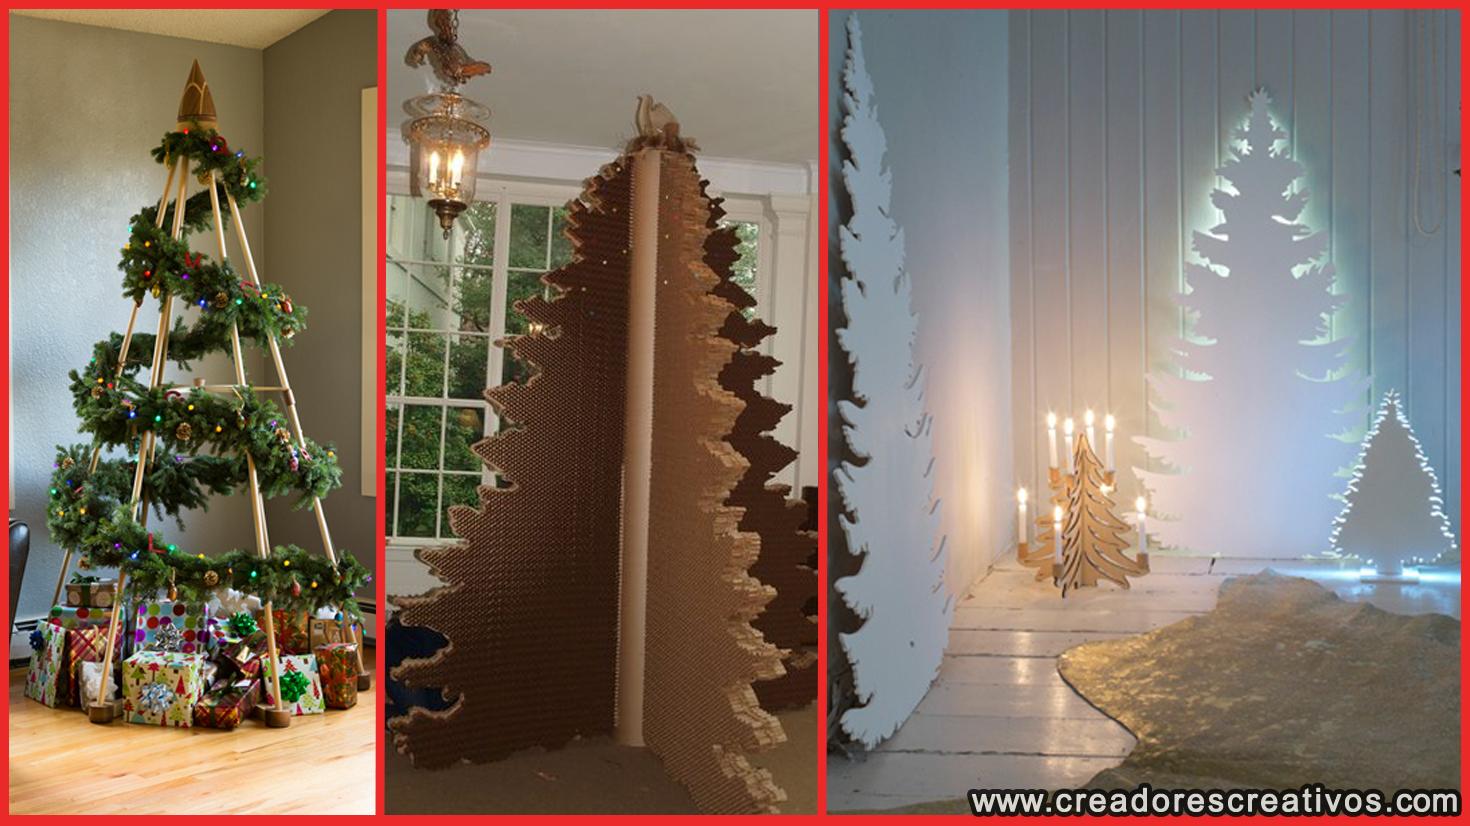 Arboles de navidad creativos creadores creativos - Arboles de navidad creativos ...